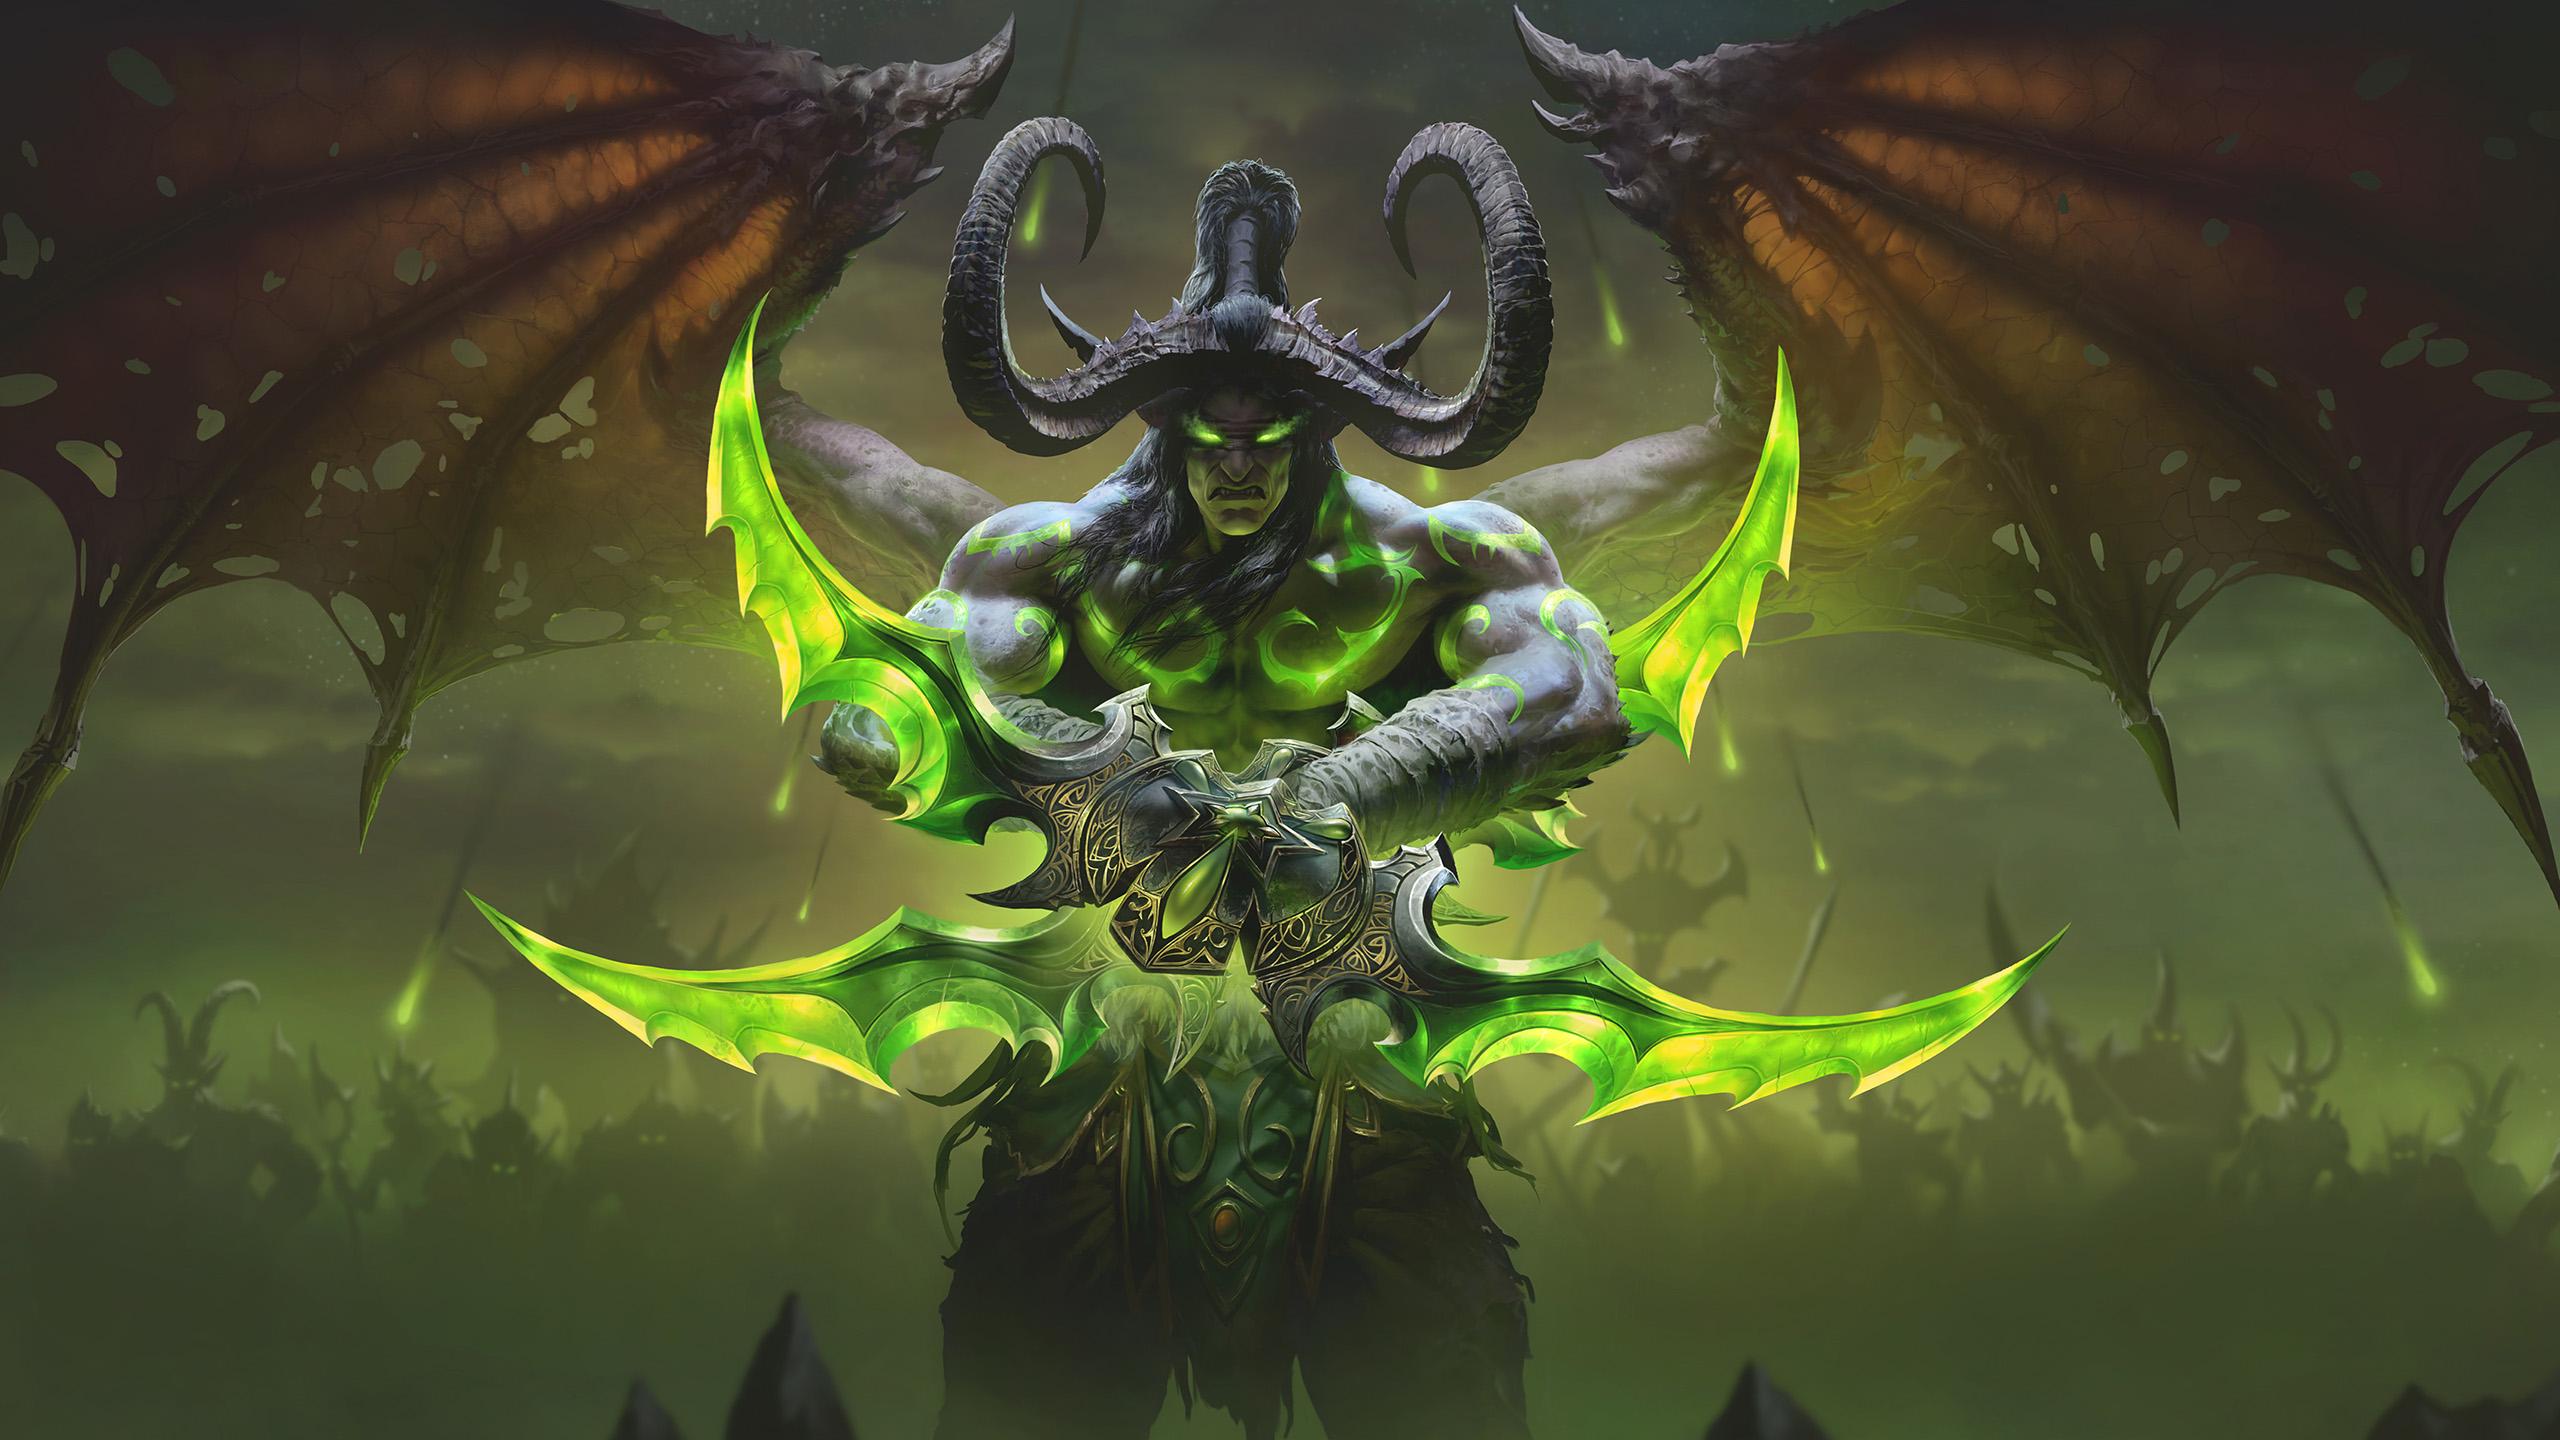 游戏壁纸,魔兽世界,恶魔猎手,伊利丹